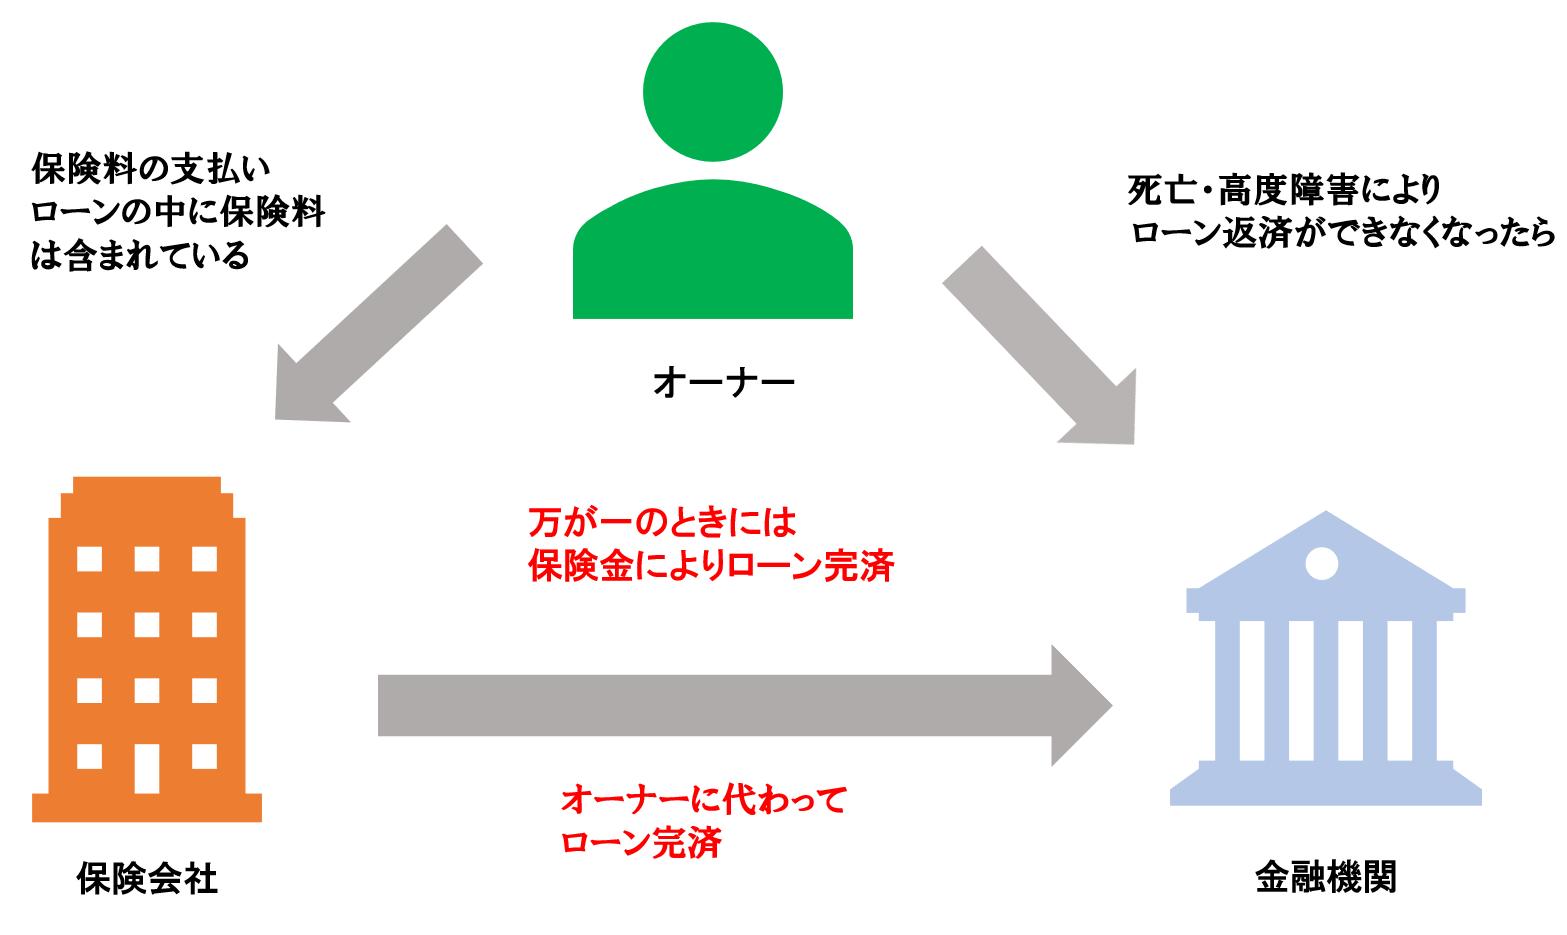 団体信用生命保険の仕組み